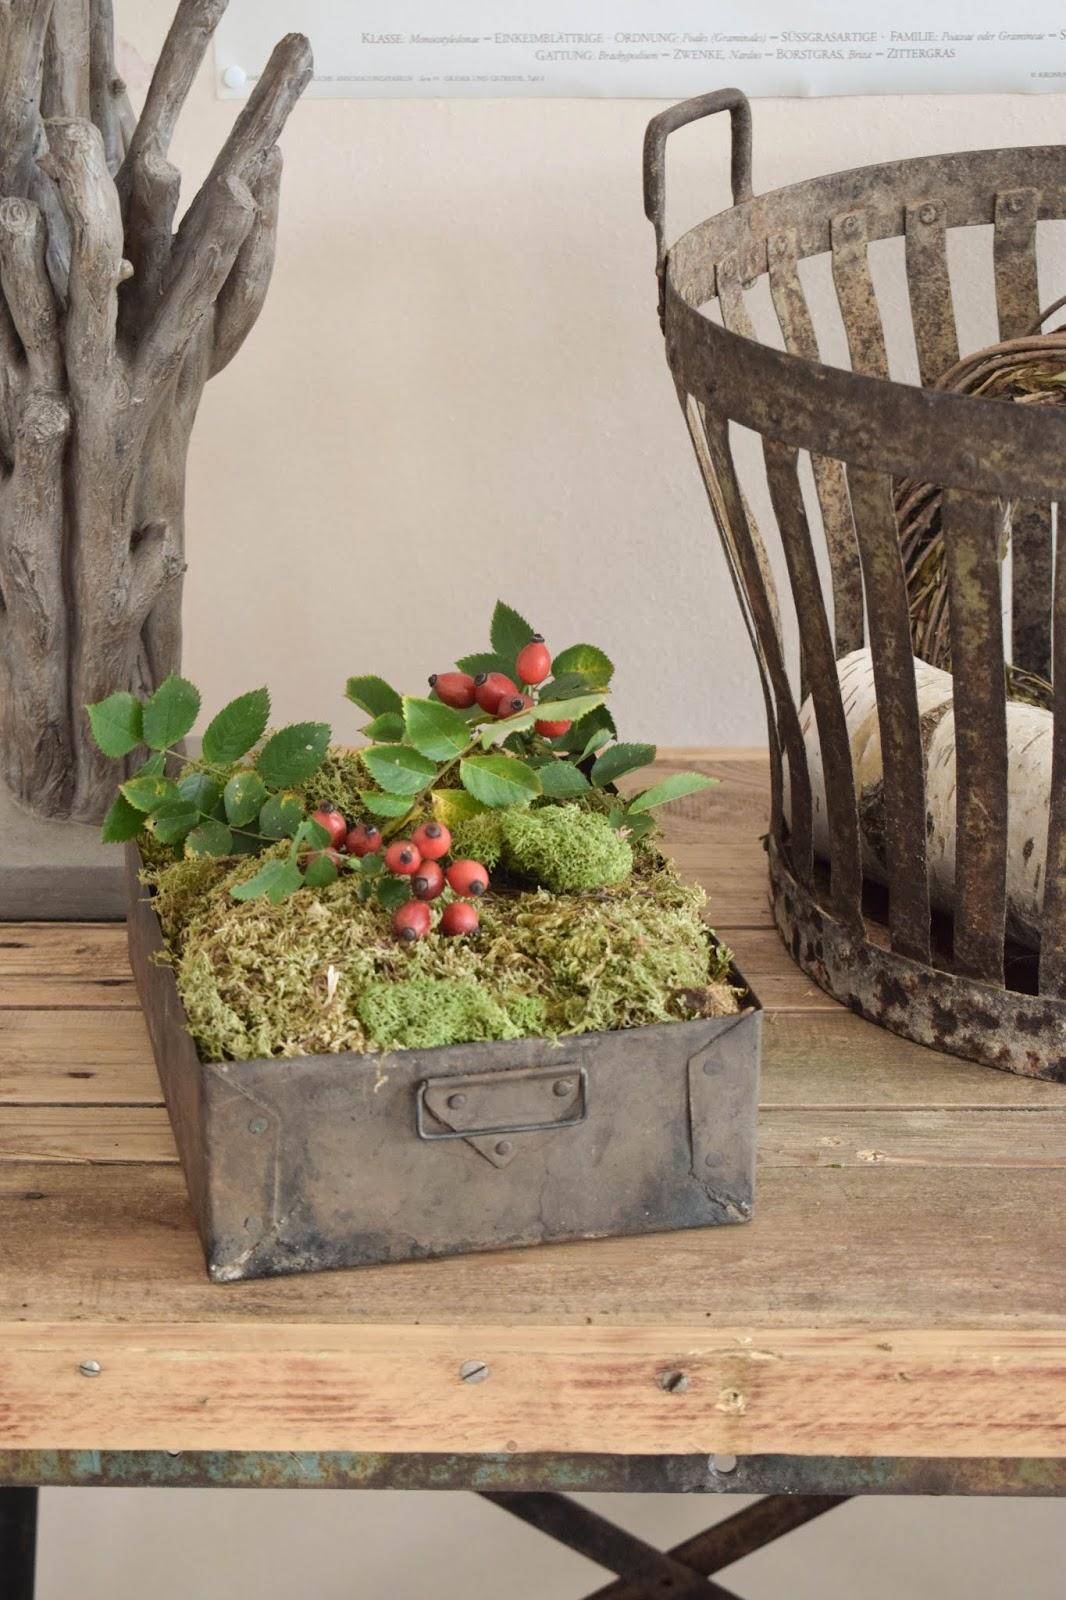 Herbstliche Deko für den Tisch, Sideboard und Konsole. Dekoidee mit Moos, Hagebutte 4